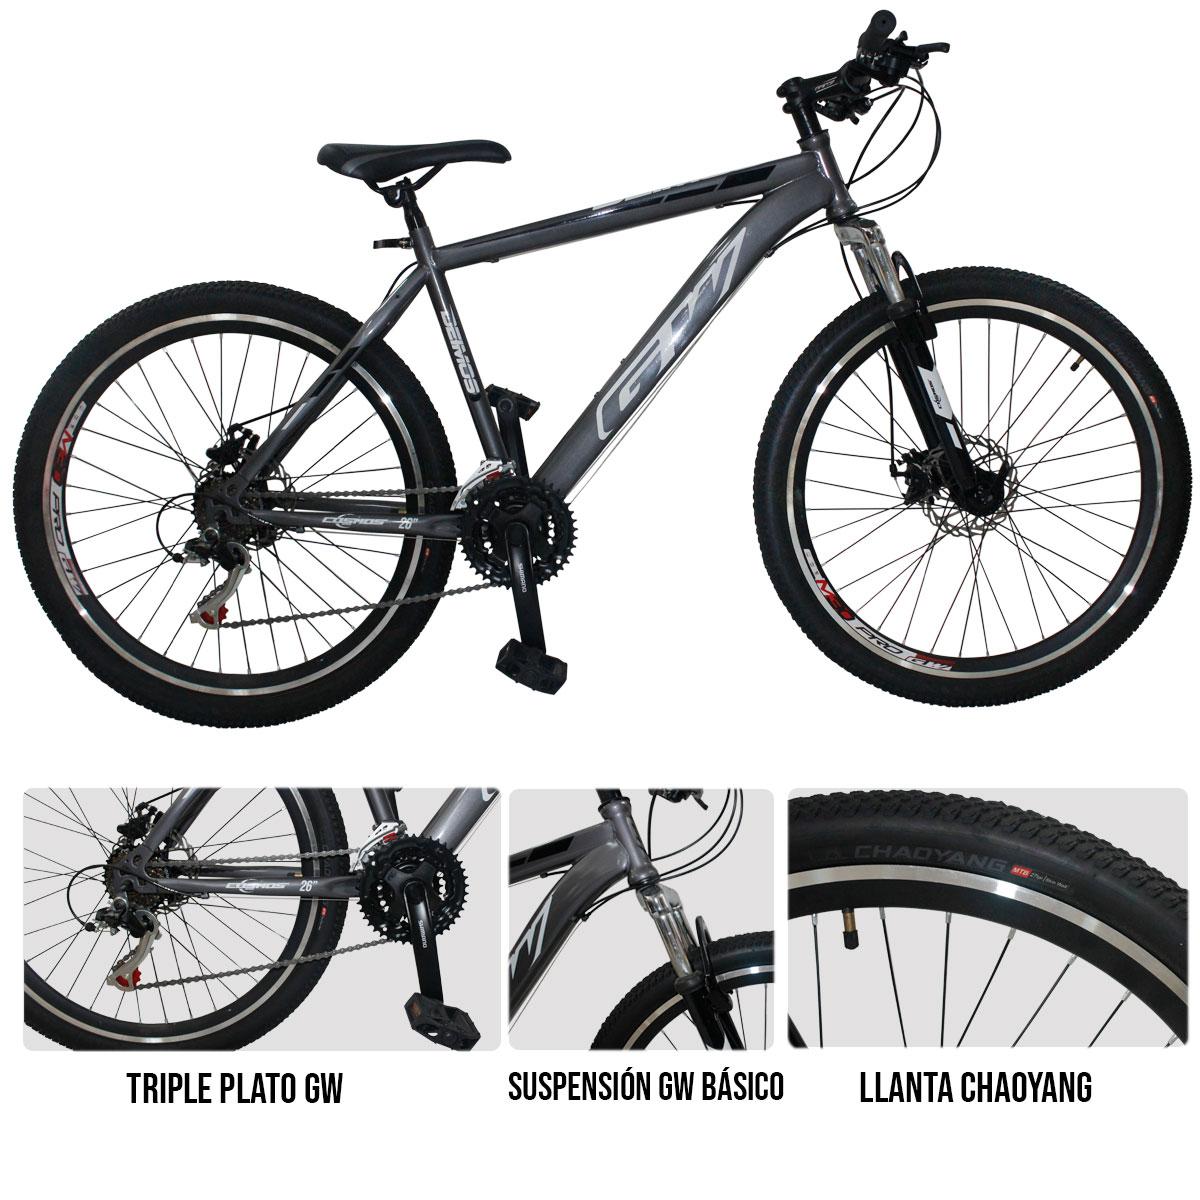 Bicicleta Deportiva GW Deimos disponible en Tienda Deportiva Deportes Regol